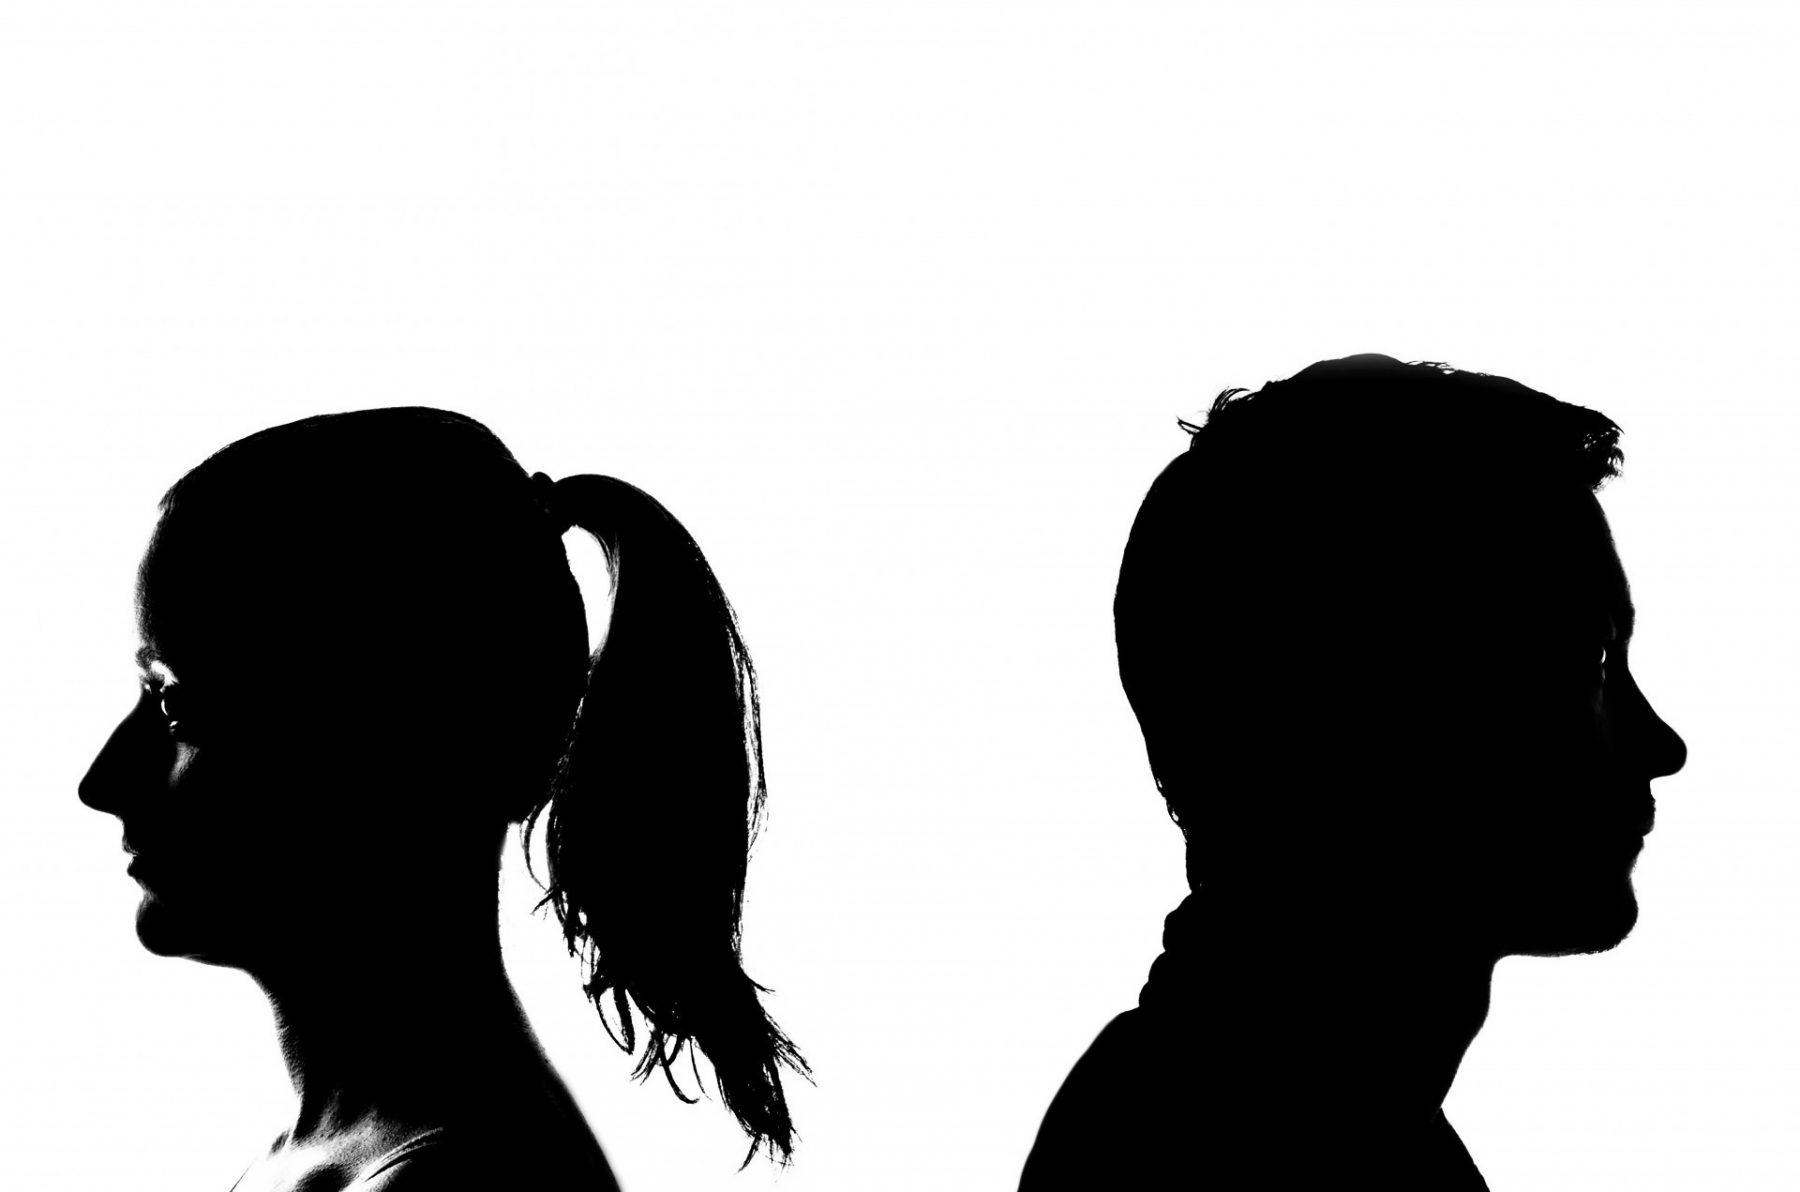 Σχέσεις τοξικότητα: Ο χωρισμός και οι πραγματικοί λόγοι που οδηγούν σε αυτόν